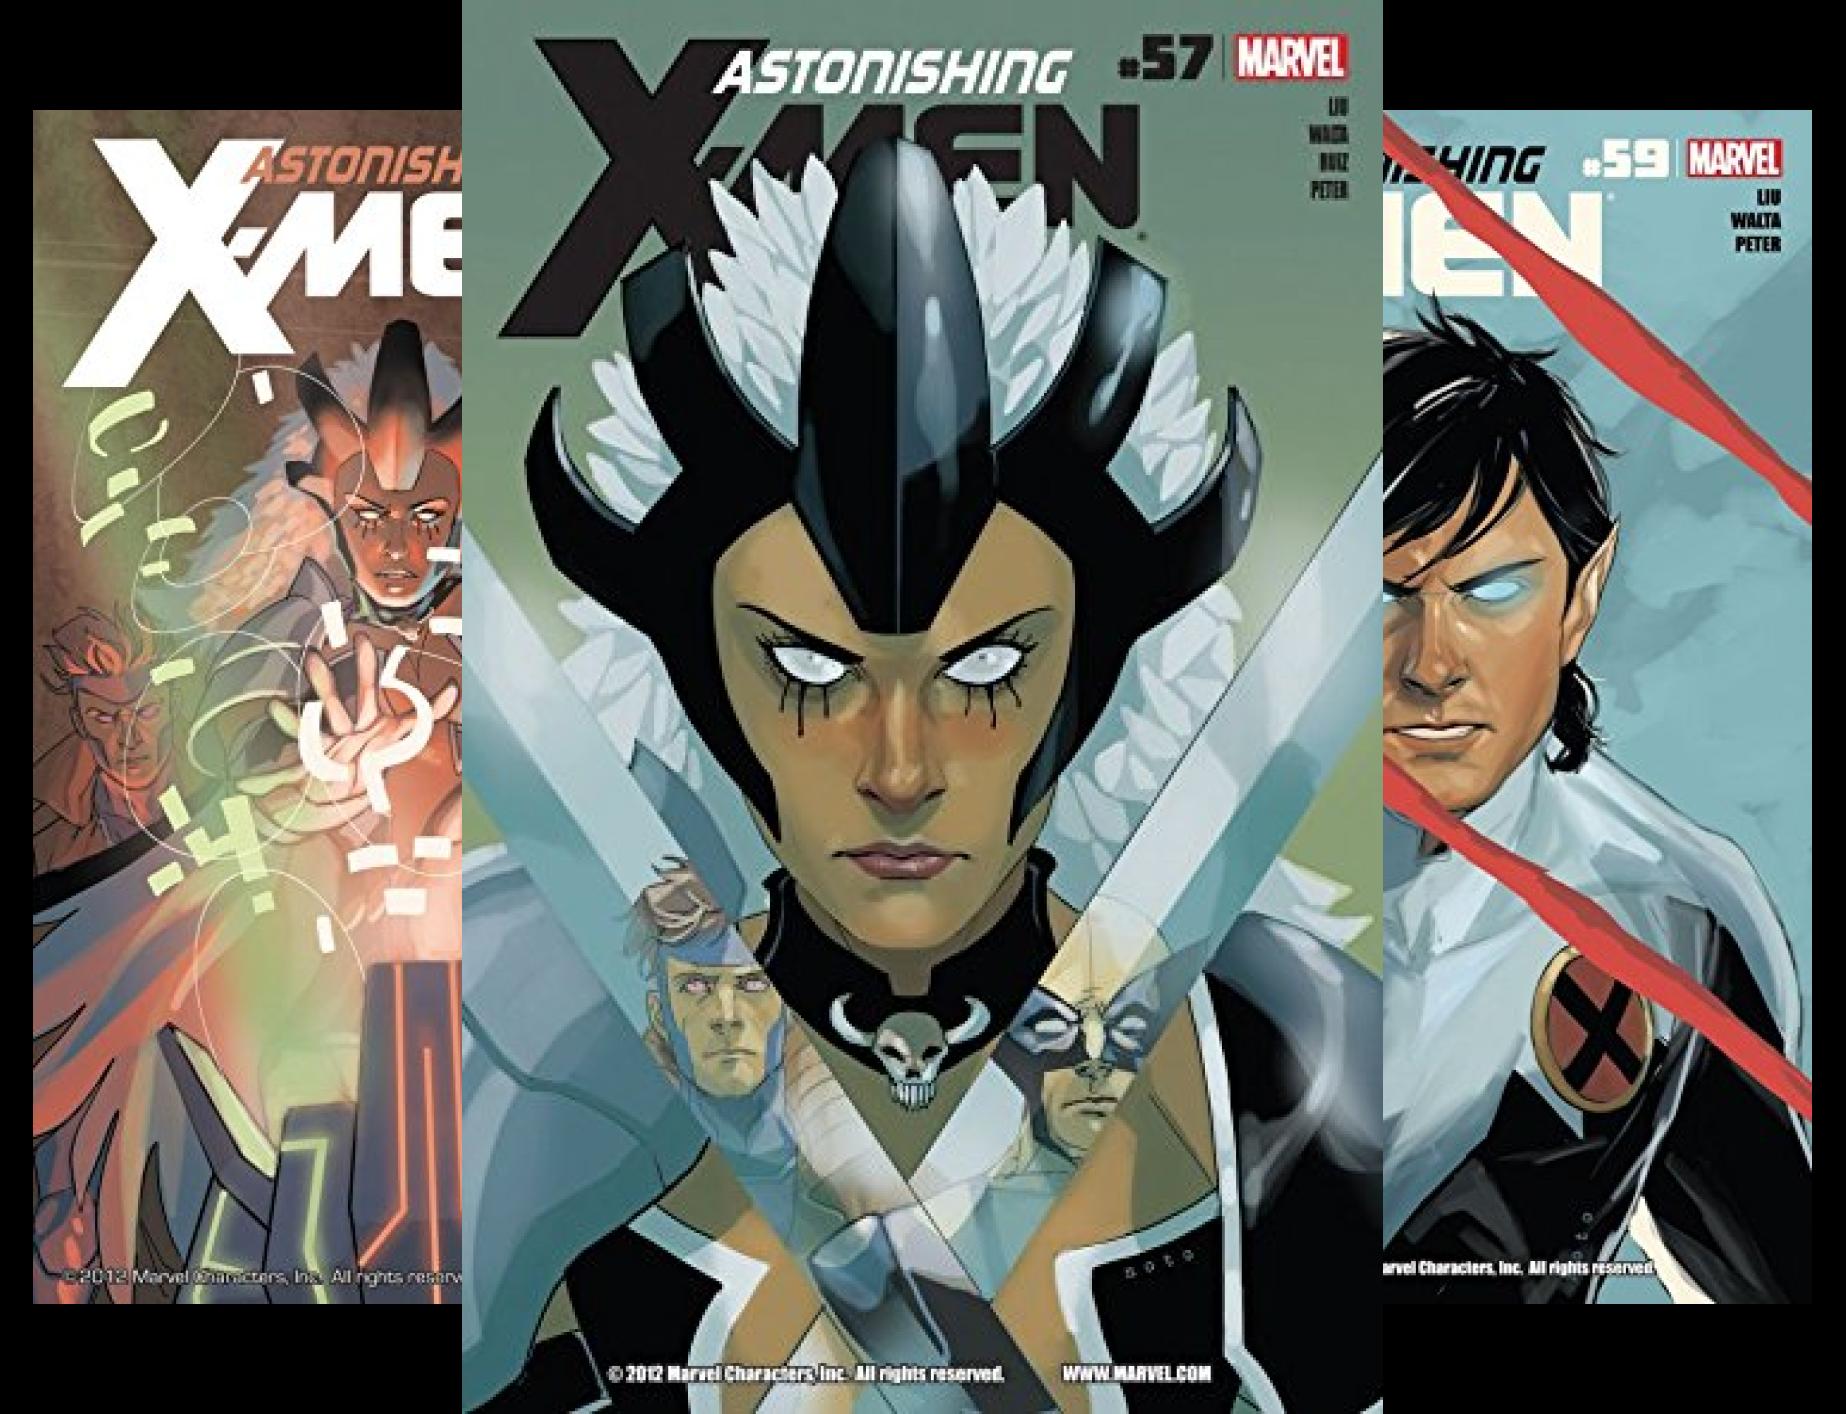 astonishing-x-men-unmasked-10-book-series